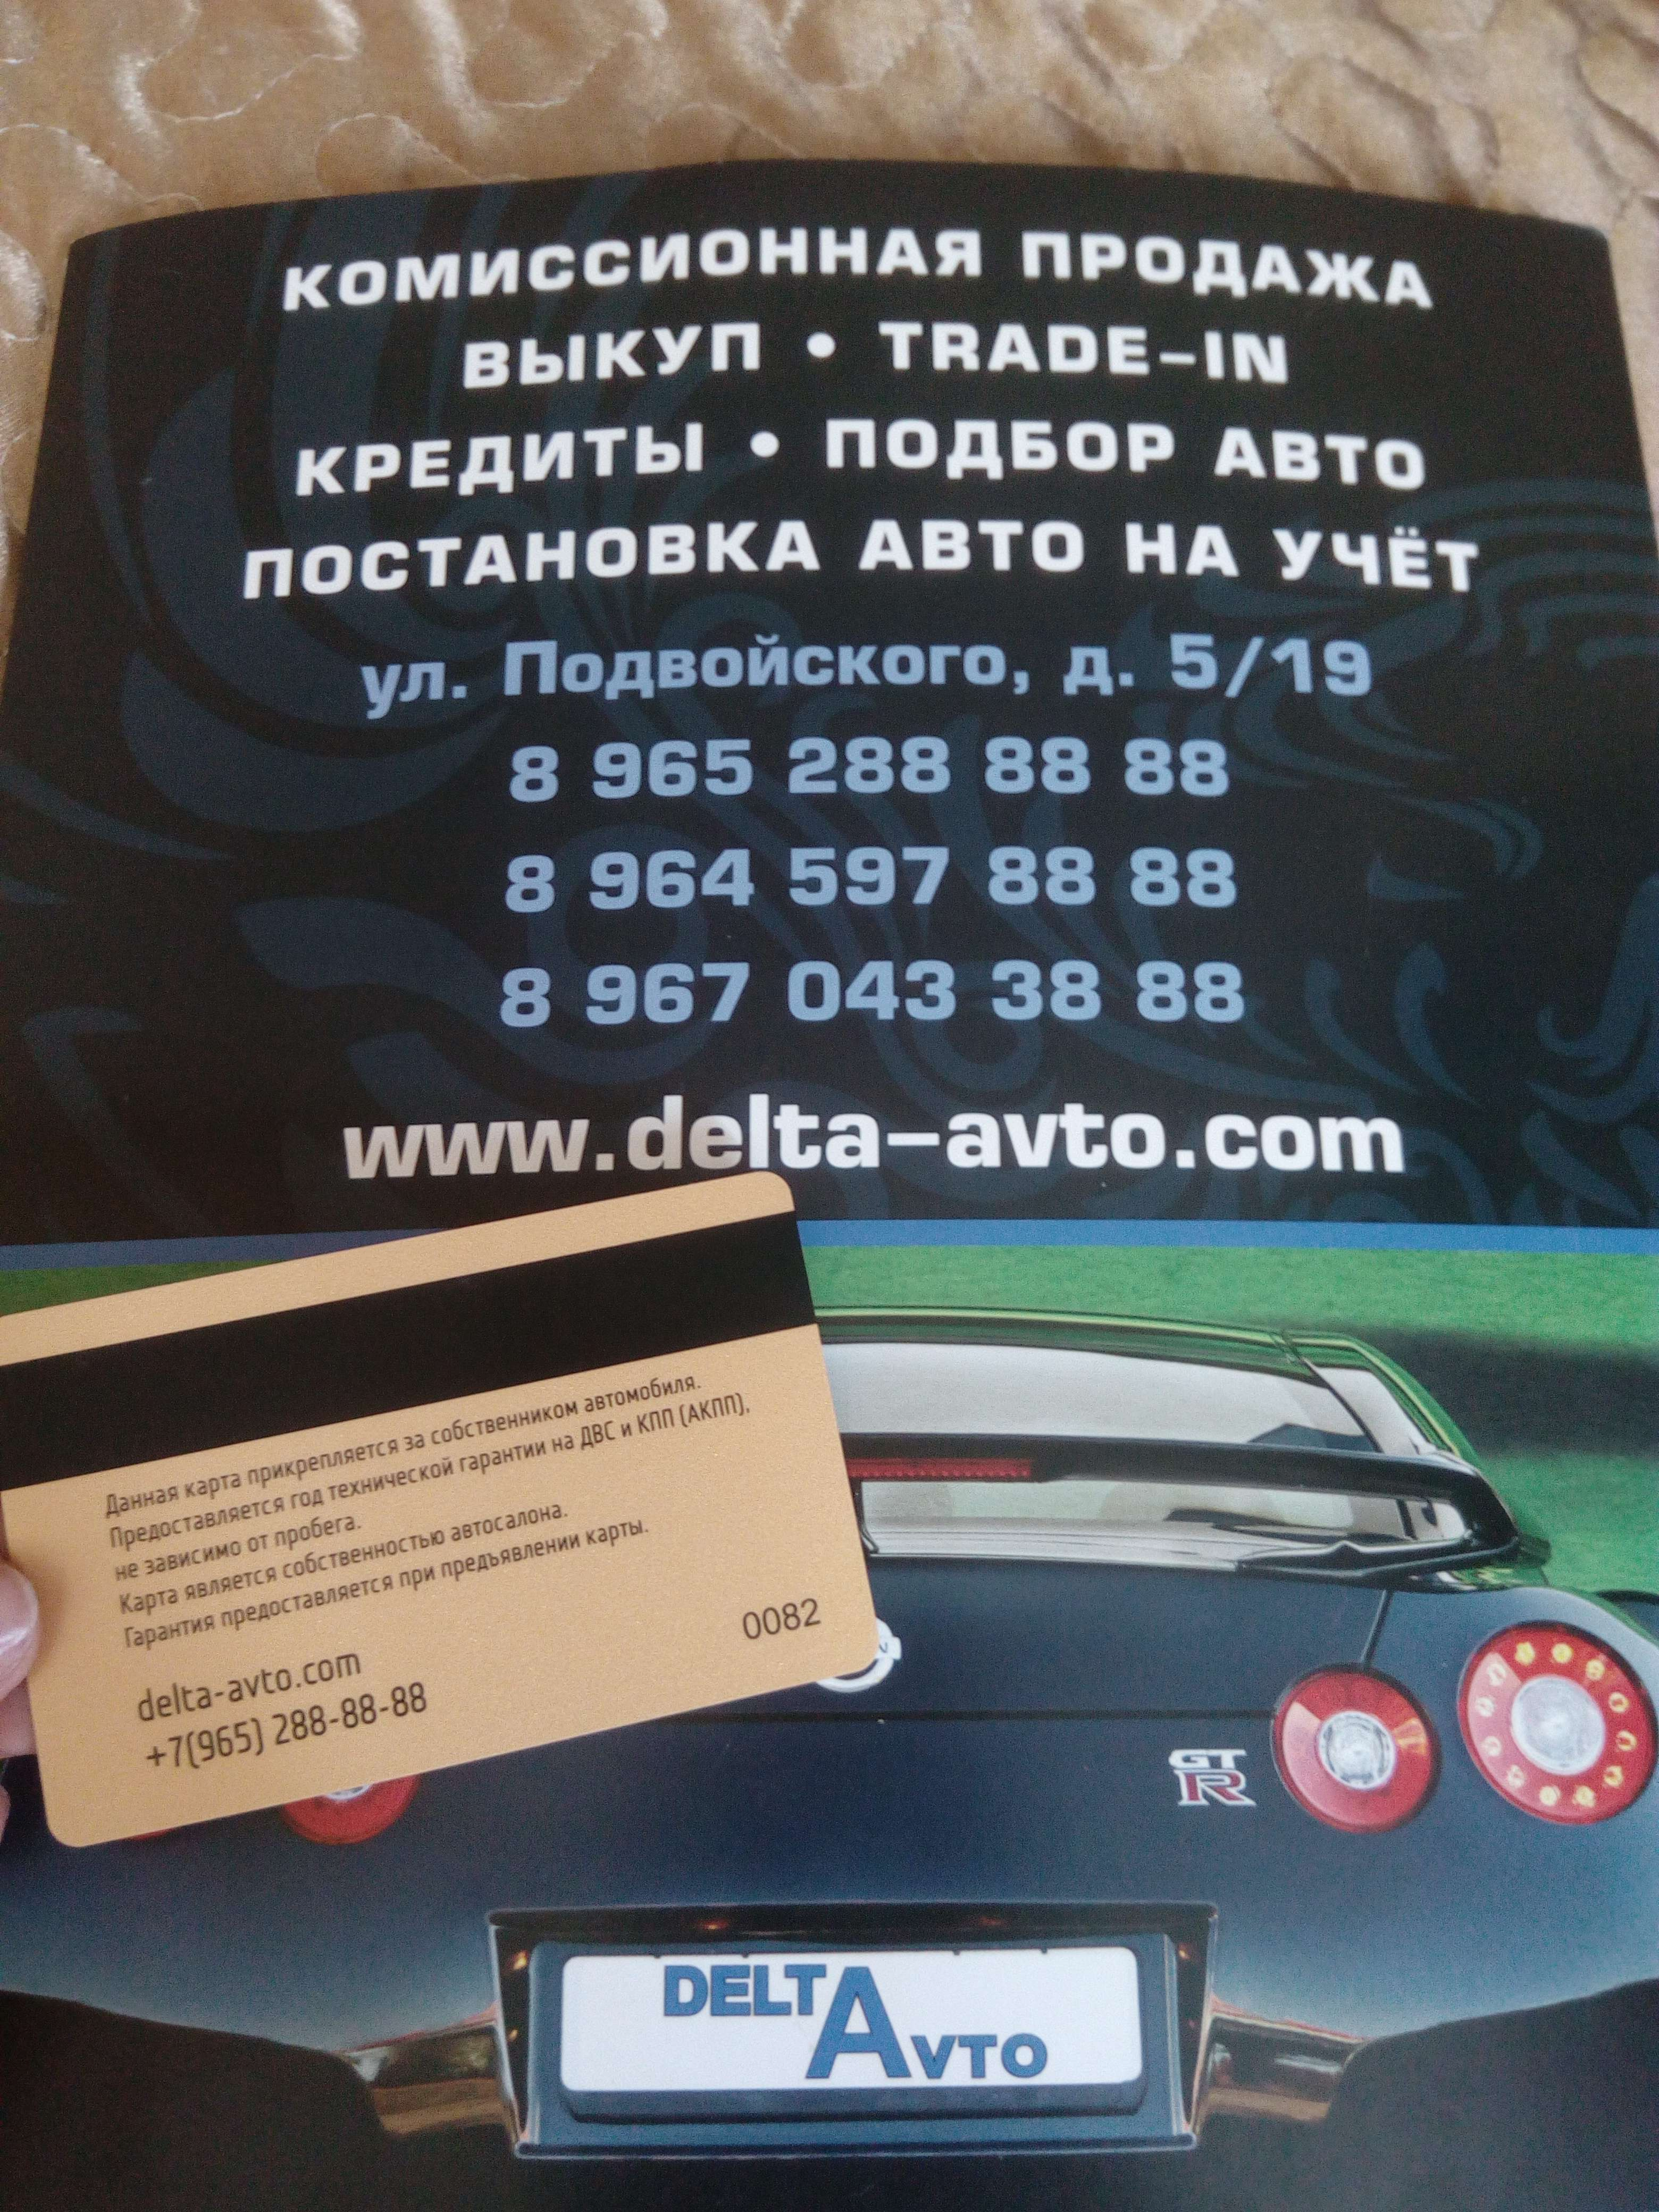 Дельта авто автосалон москва отзывы сотрудников где взять деньги взаймы без банка без залога под проценты